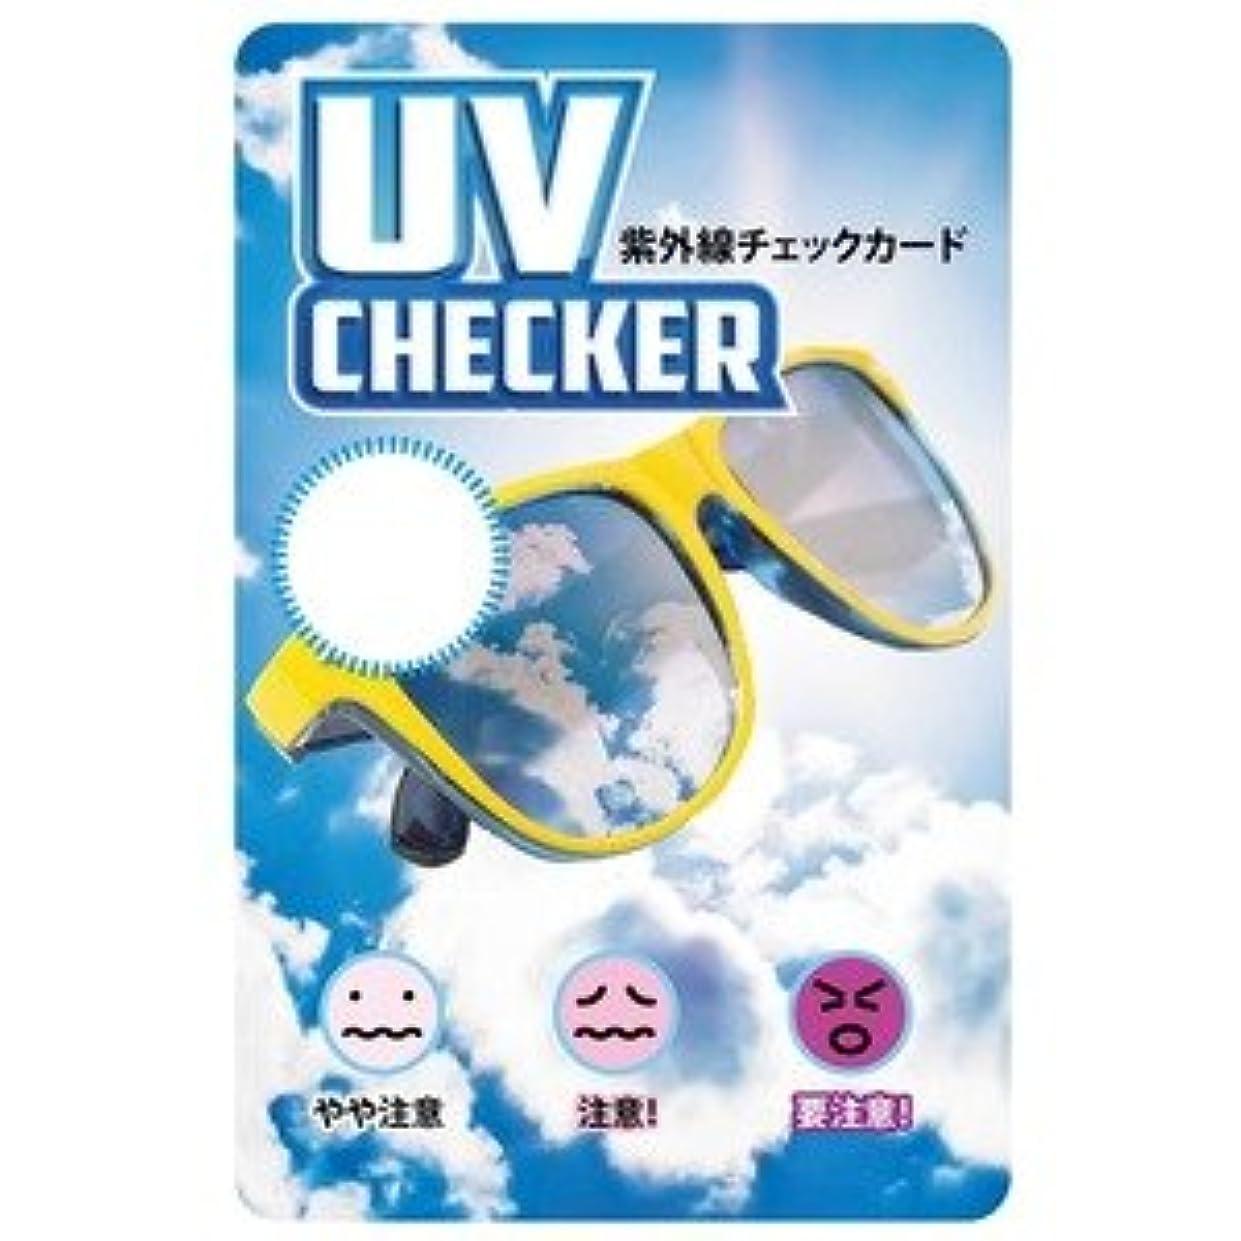 犠牲奪うピービッシュ紫外線チェックカード?UV6 【100枚セット】 紫外線対策